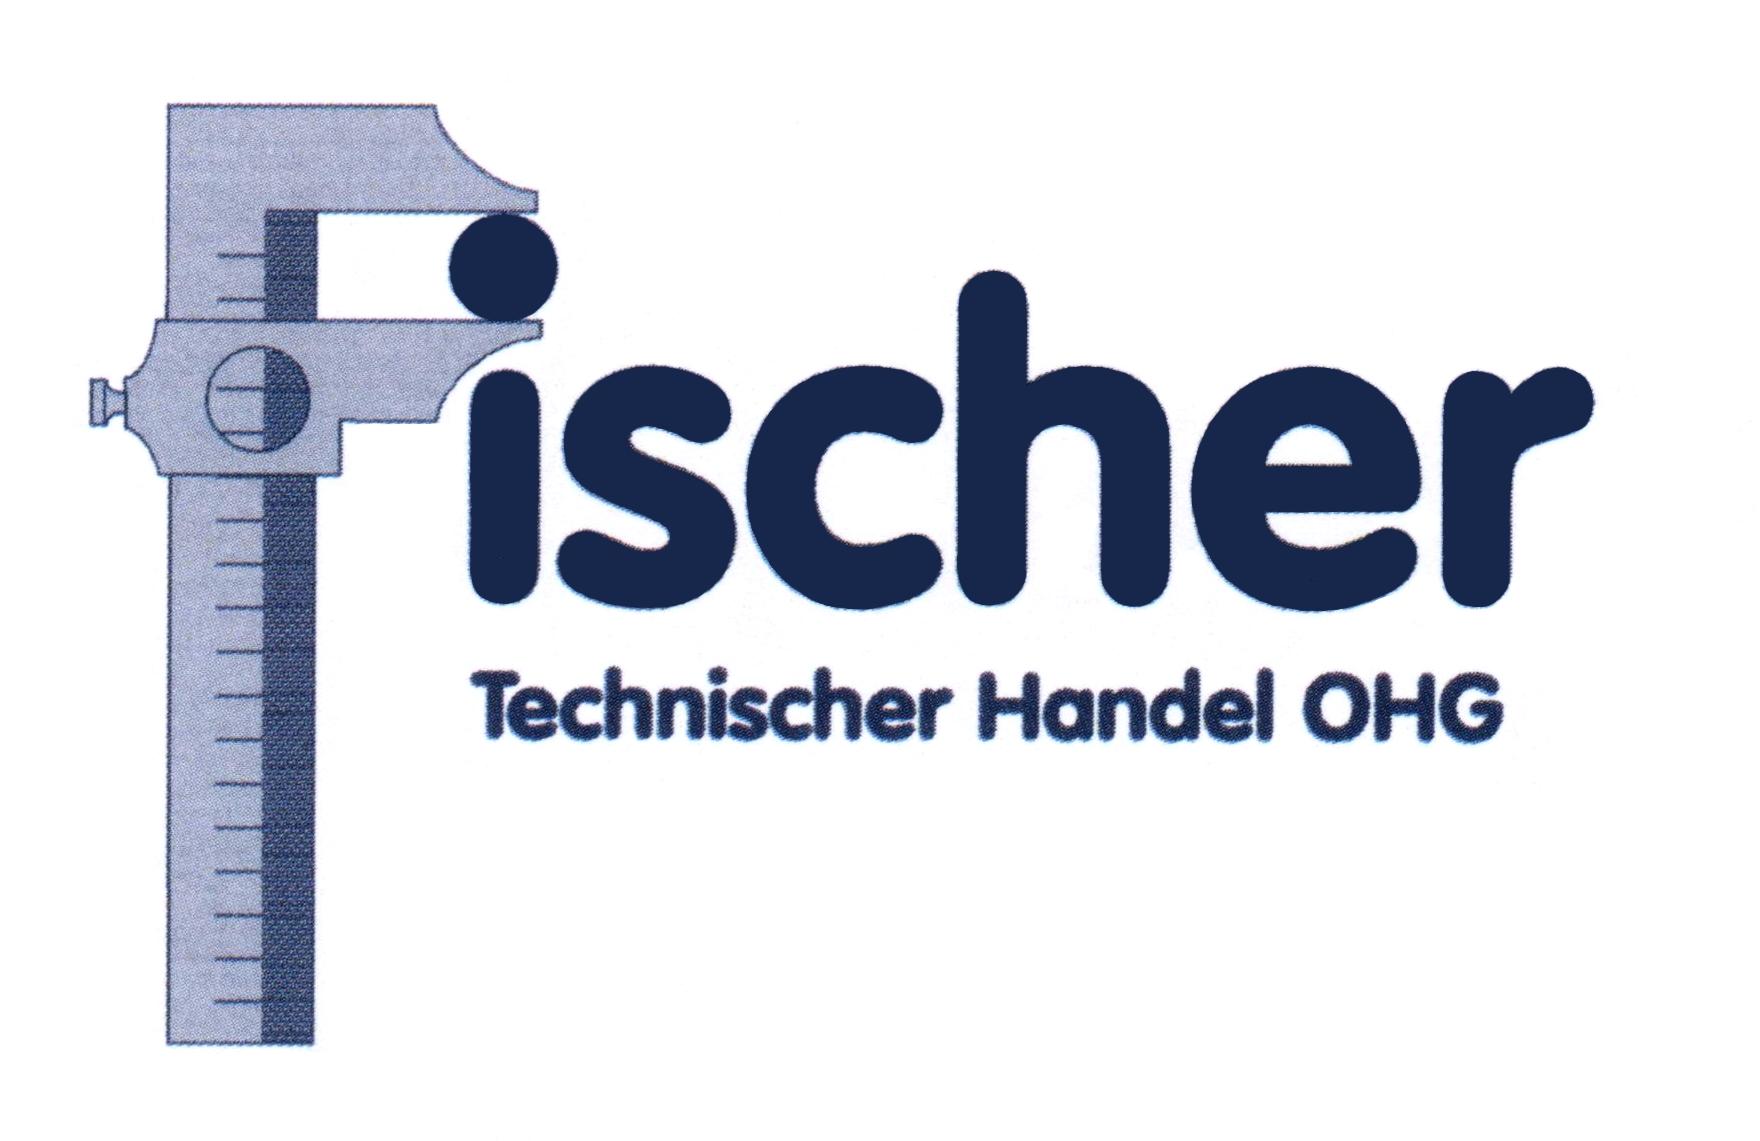 Fischer Technischer Handel OHG